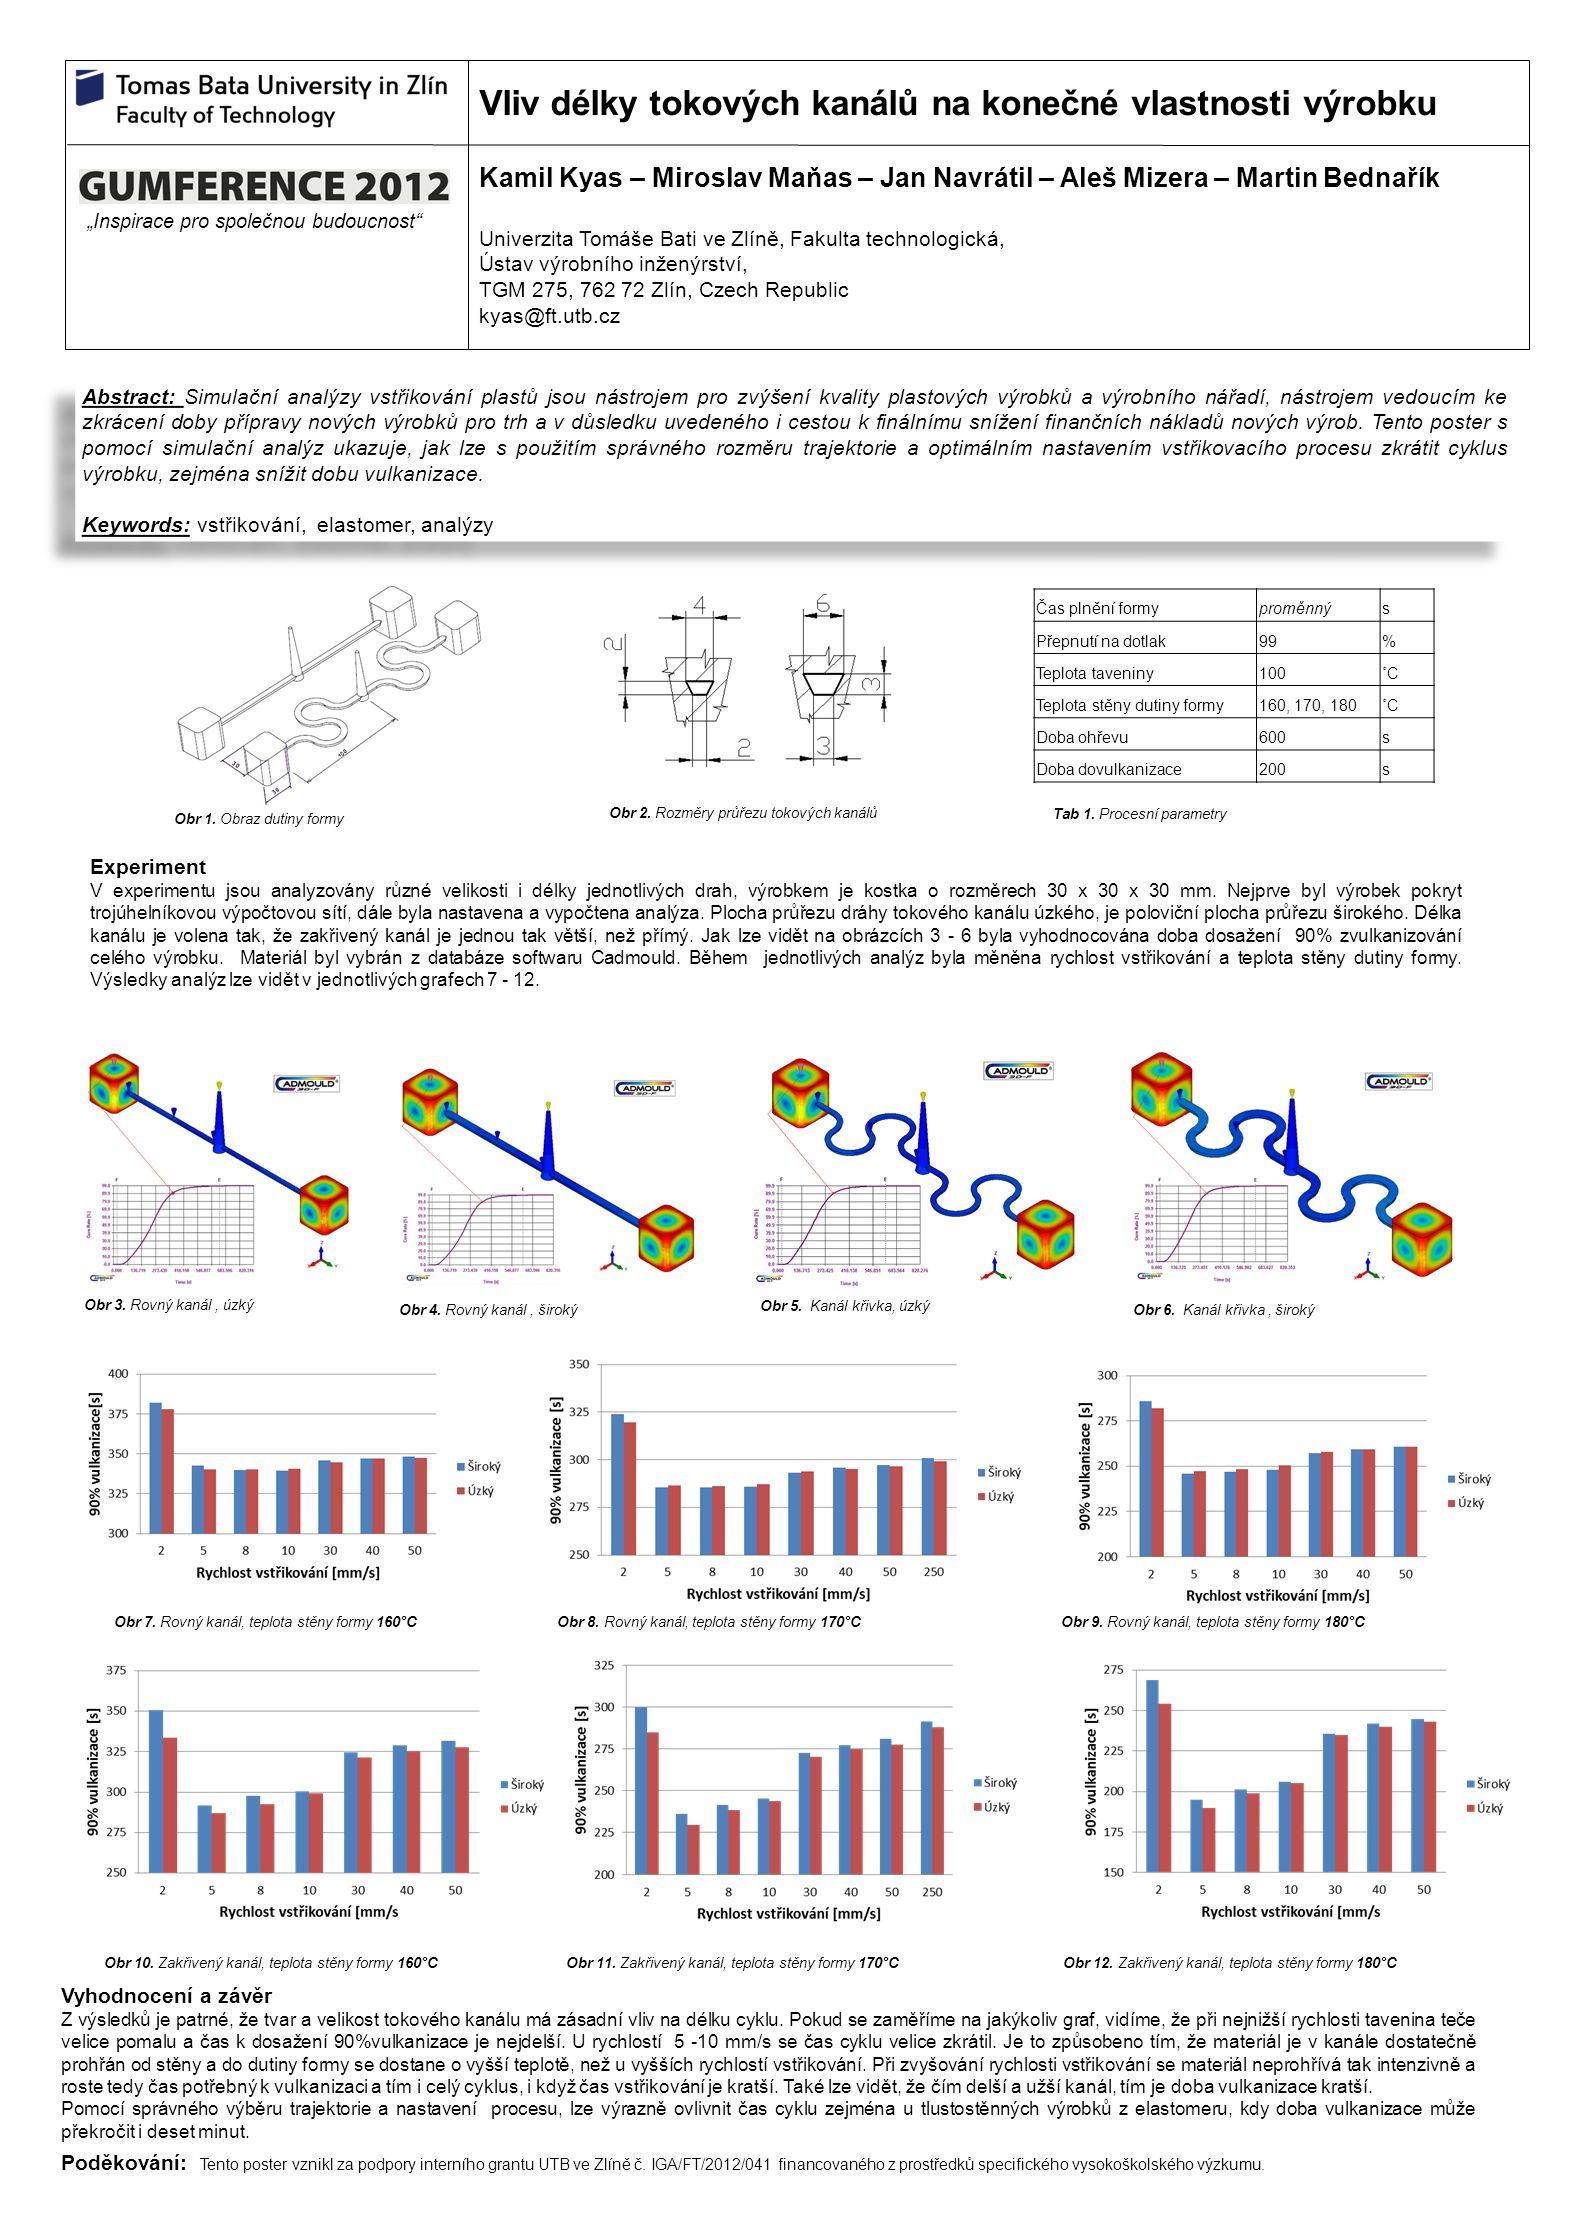 Tab 1. Procesní parametry